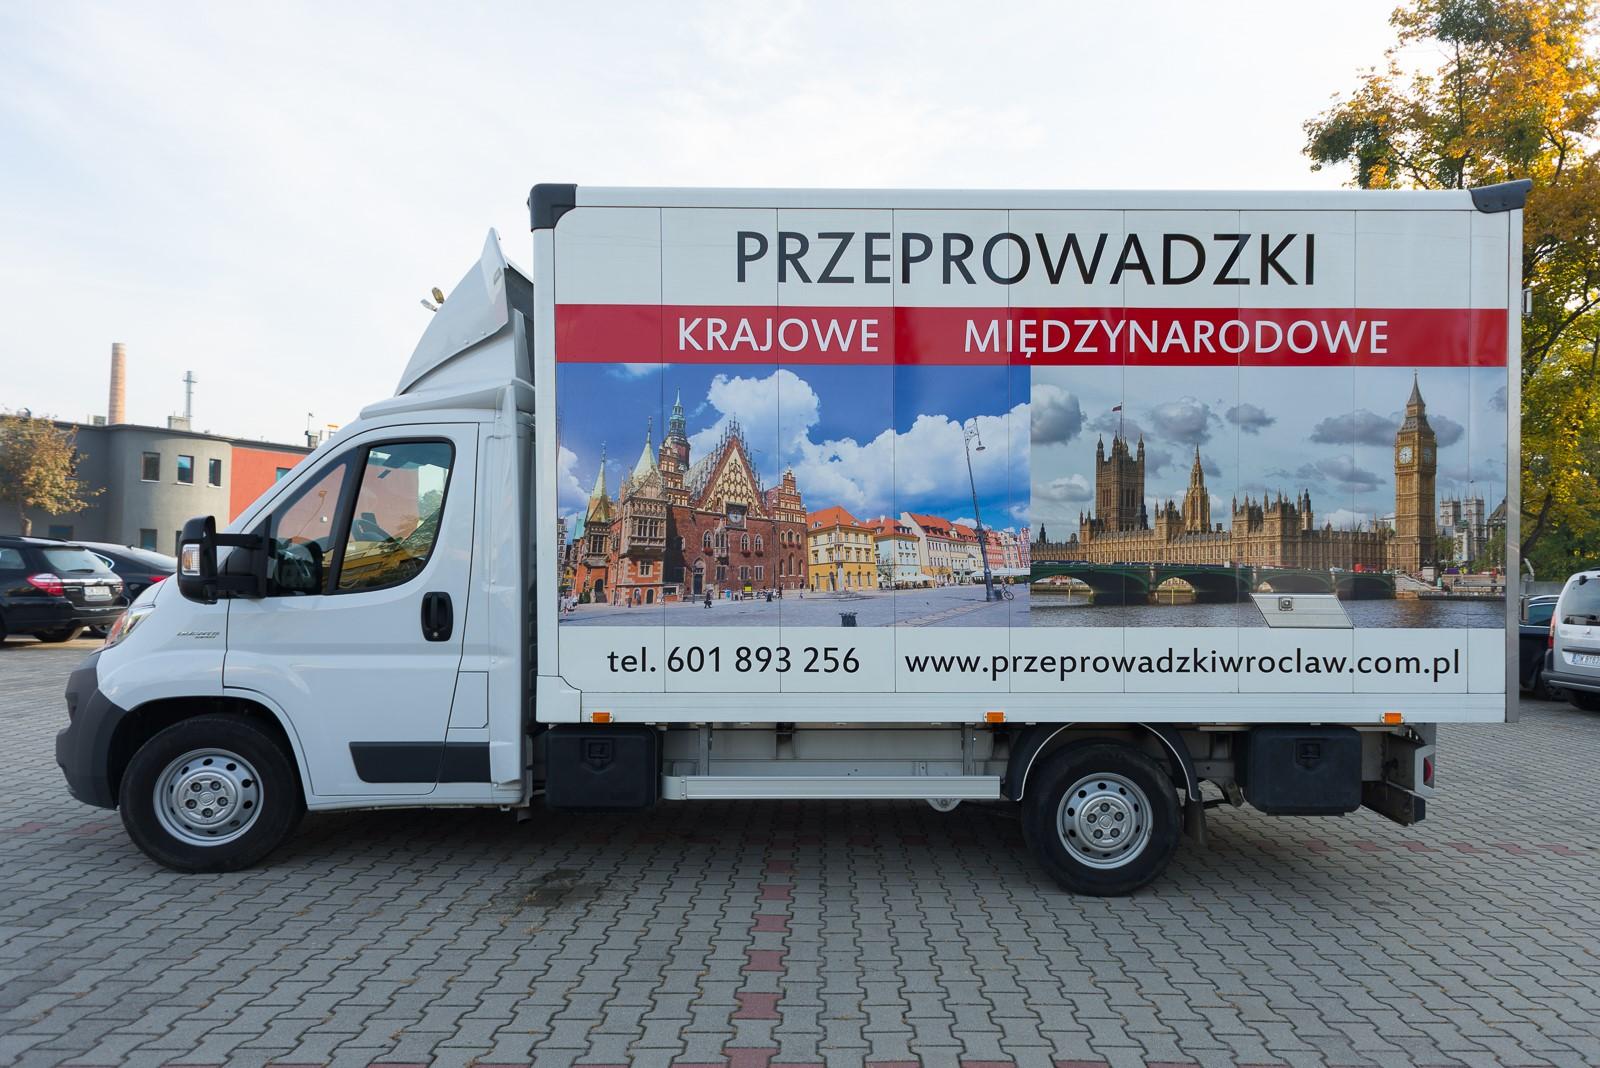 Przeprowadzki Wroclaw - Eurospiner flota 5